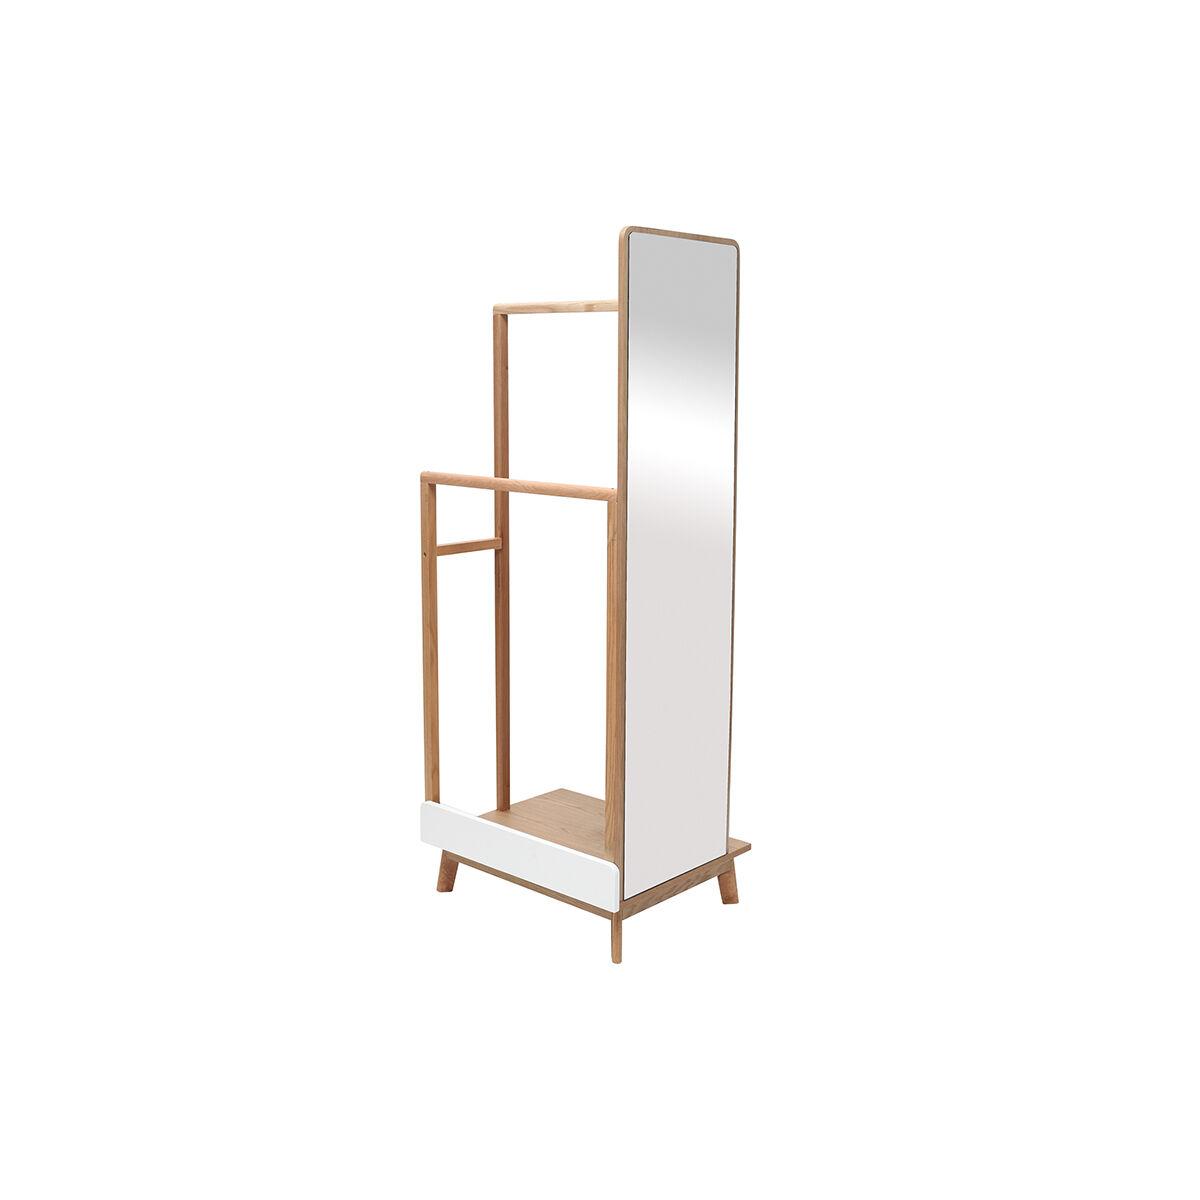 Miliboo Portant à vêtements avec miroir bois clair et blanc TAYA